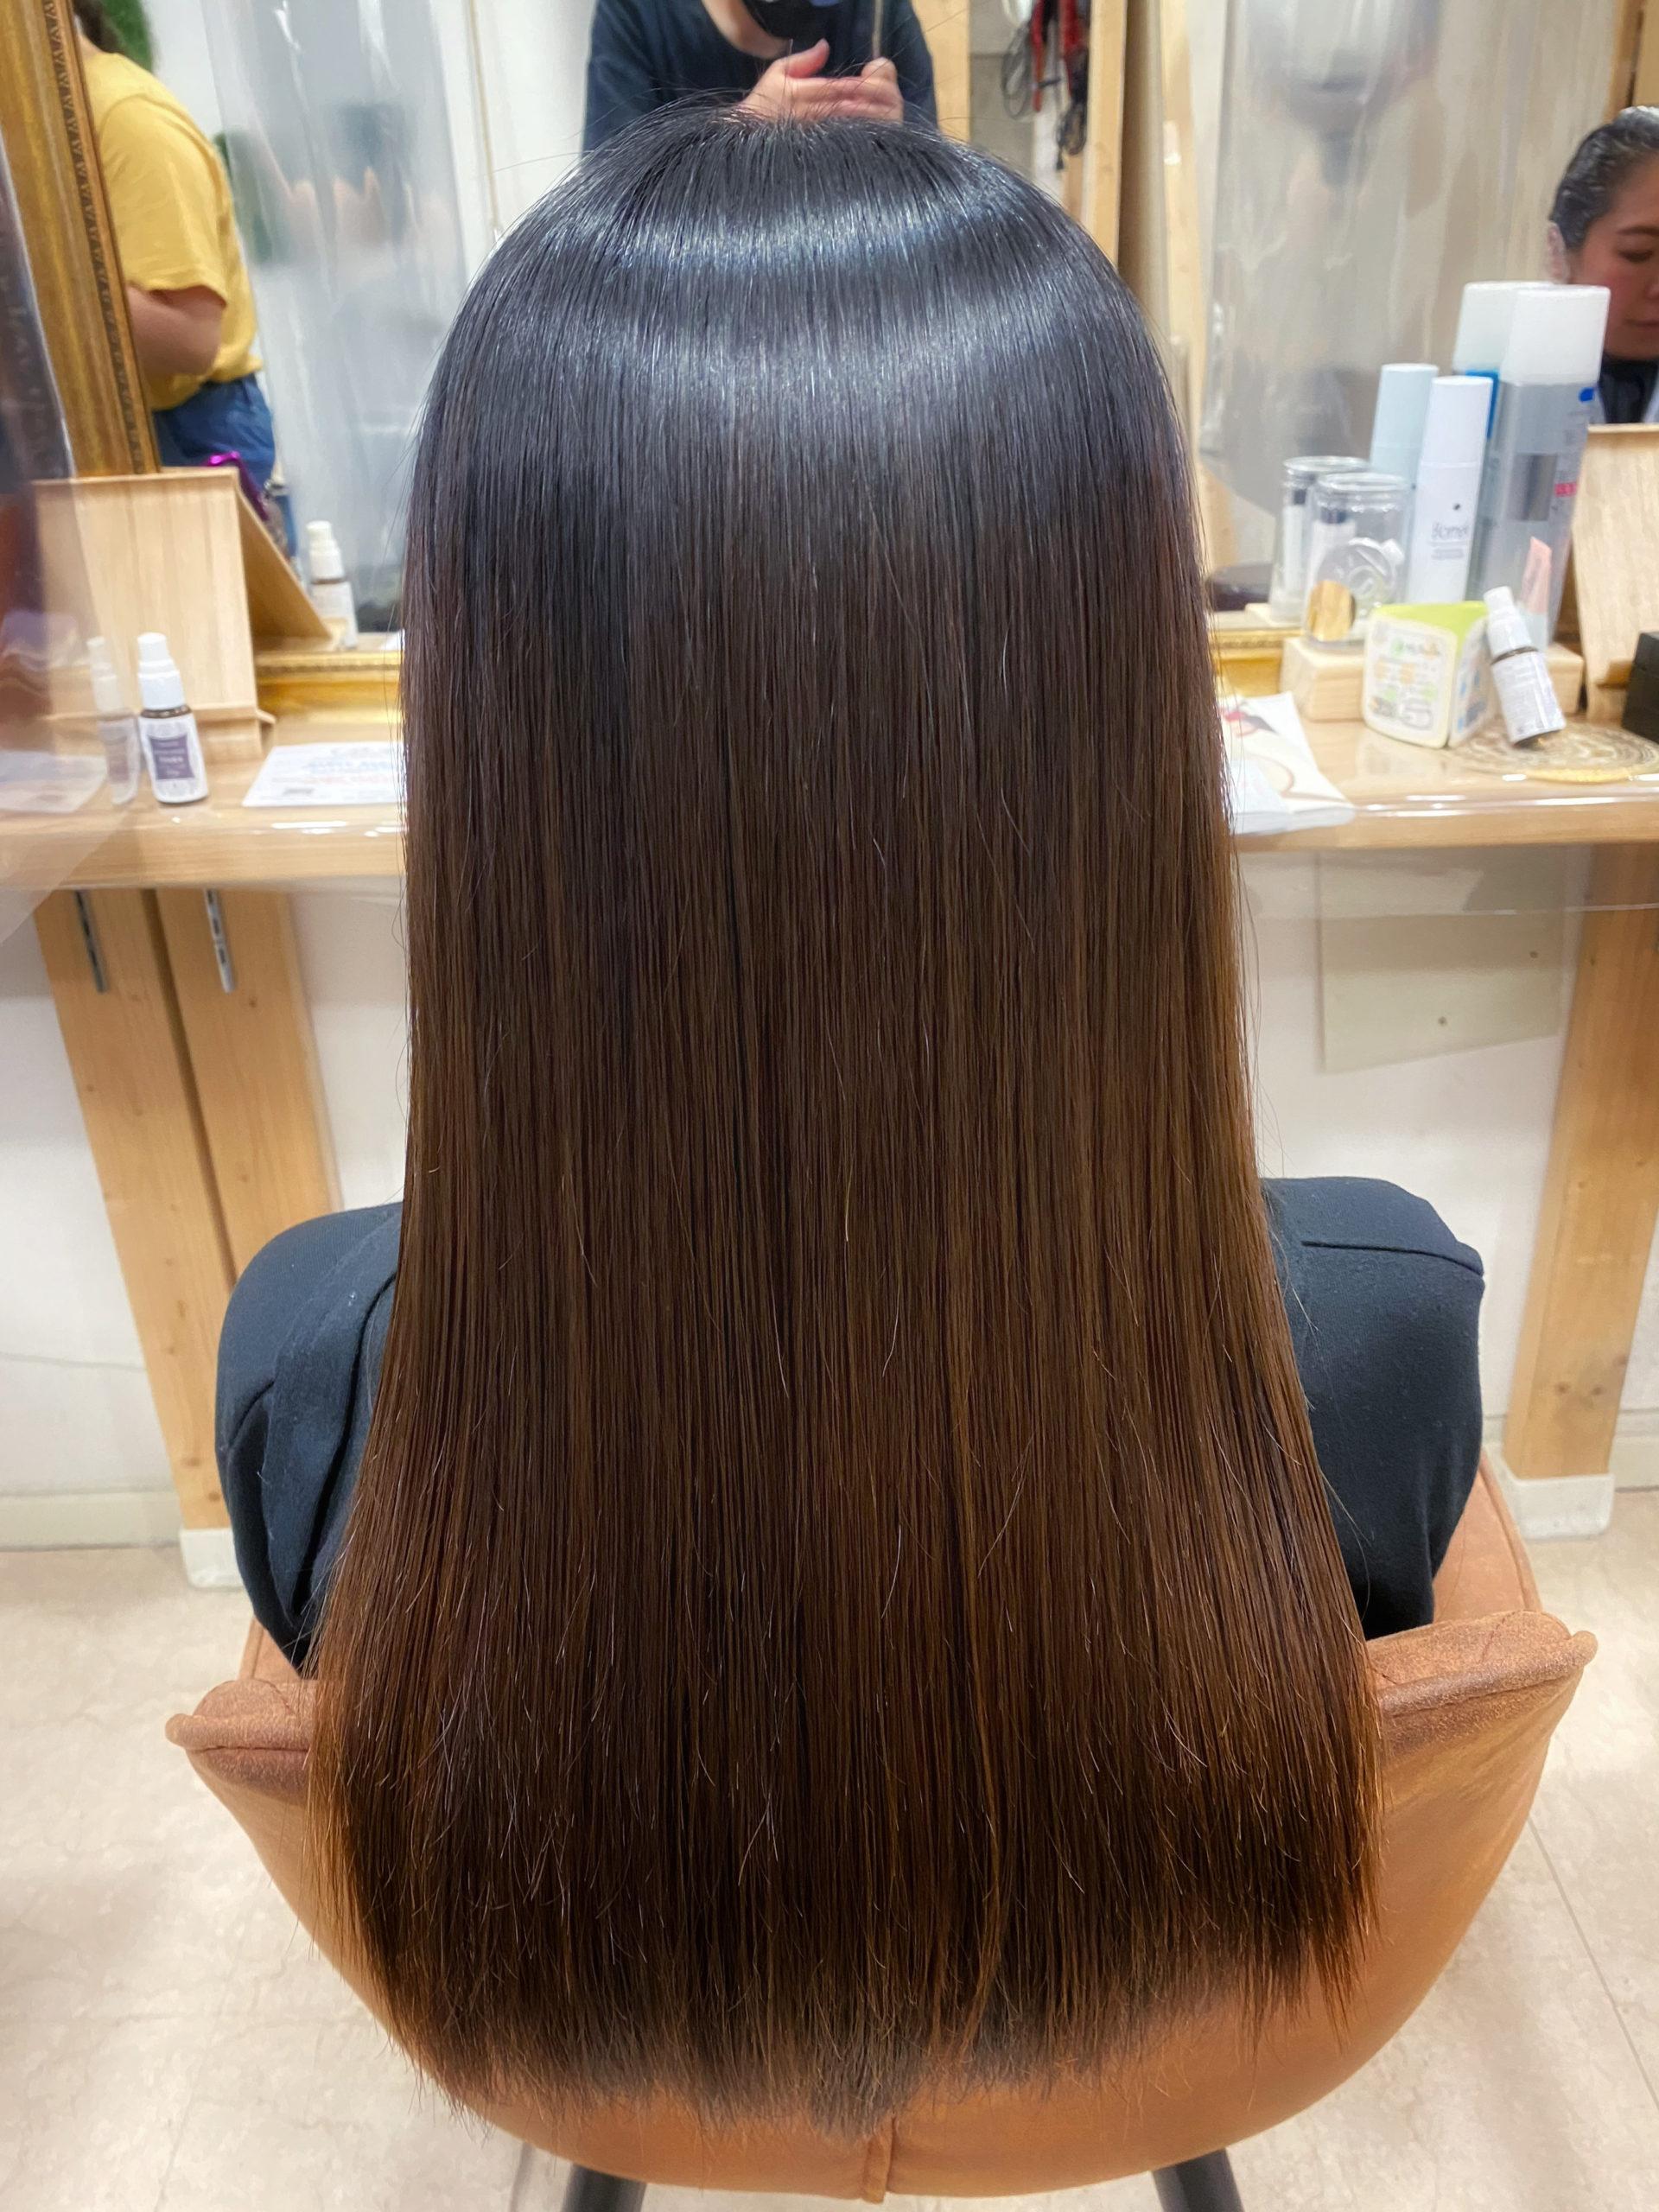 ブリーチ毛を縮毛矯正でつやっつやの艶髪ストレートヘア。原宿・表参道『髪のお悩みを解決するヘアケア美容師の挑戦』